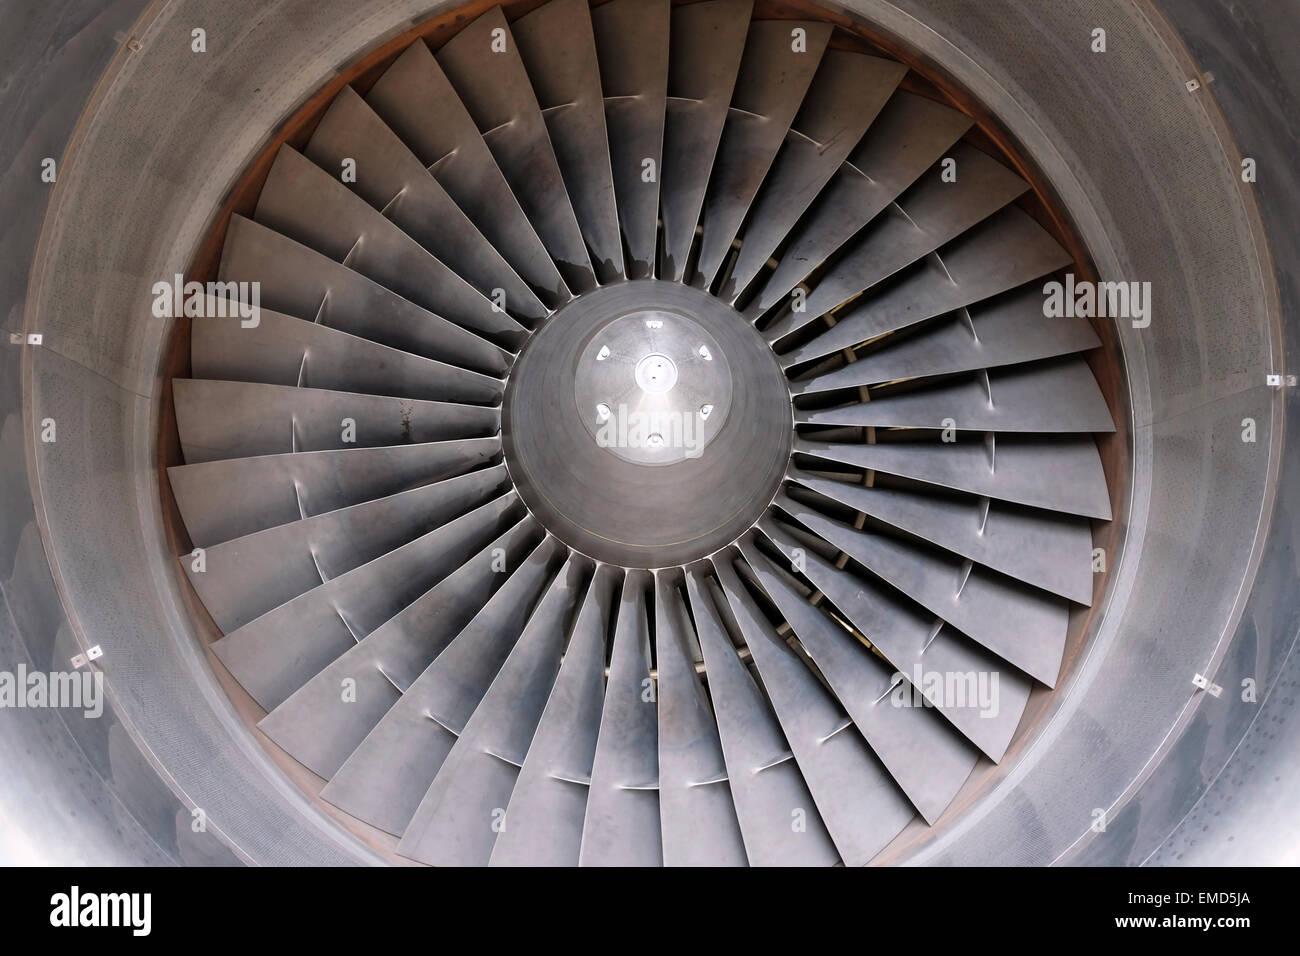 Cercando in una Rolls Royce RB211 aero engine Immagini Stock